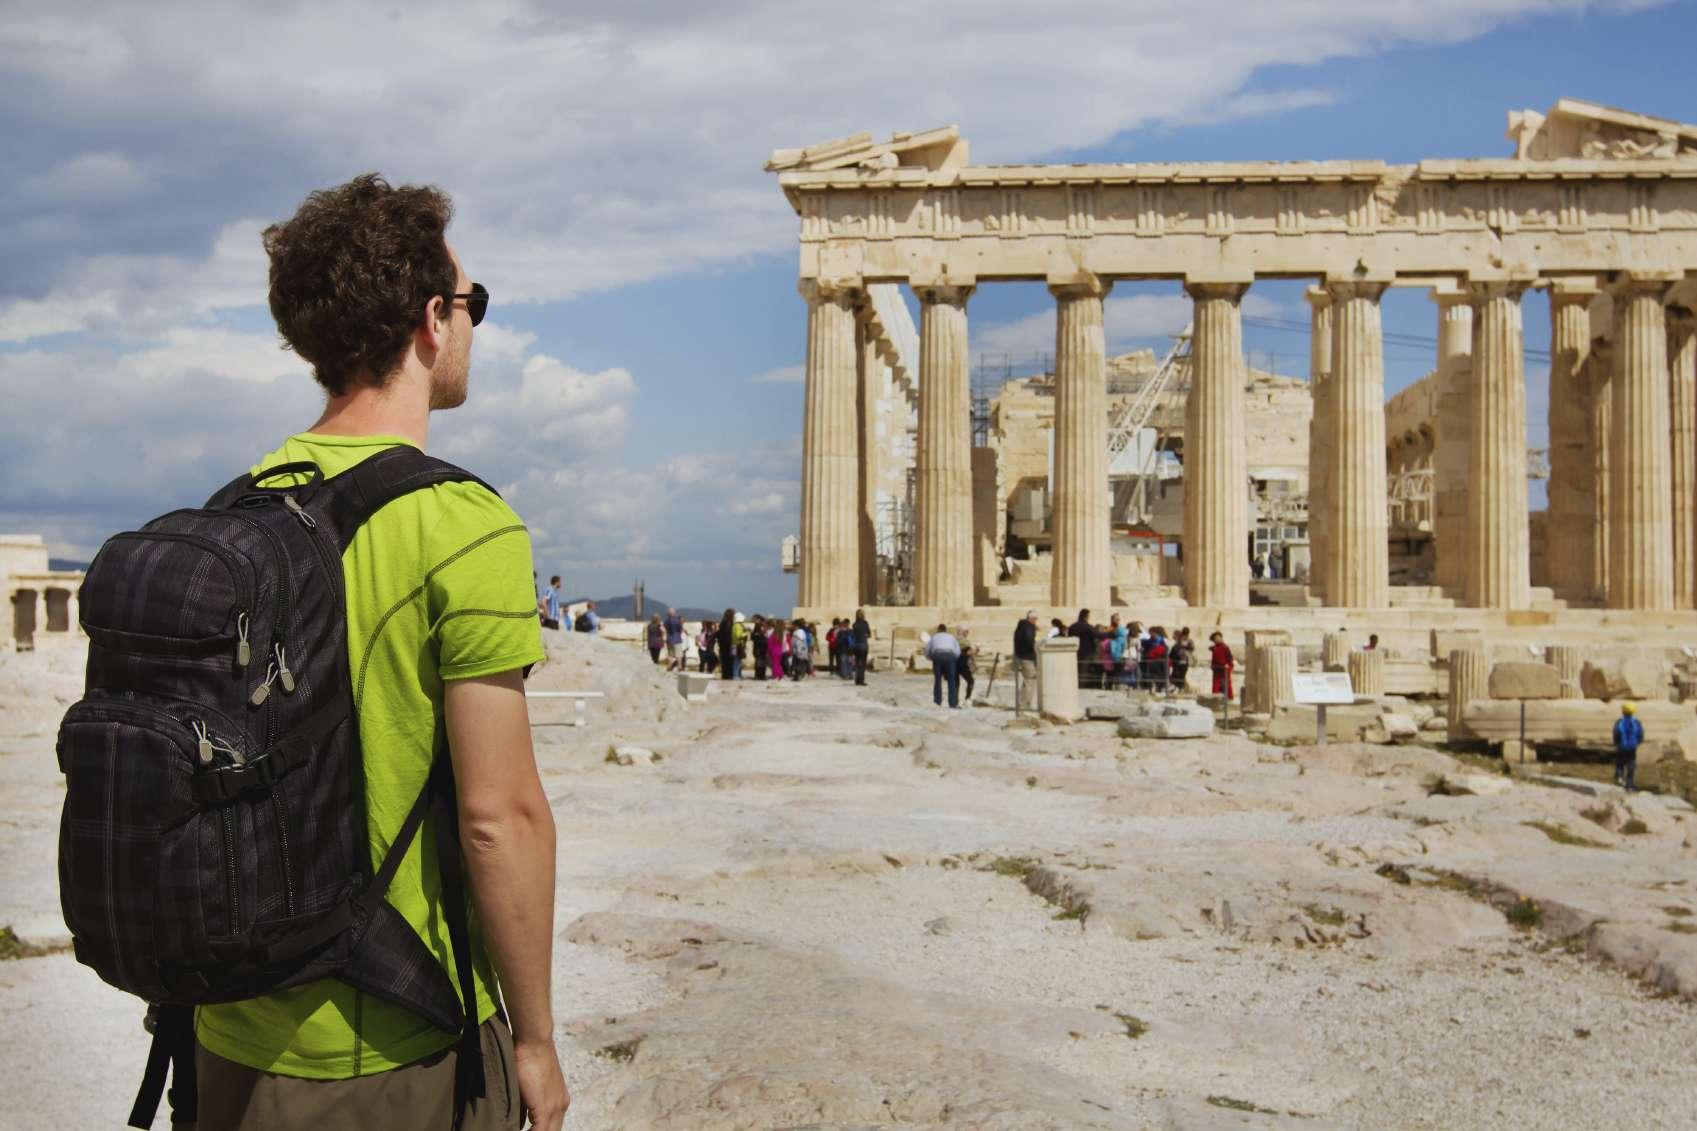 Los solteros ya no sienten pena por viajar solos, al contrario, disfrutan de su condición. Foto: iStock